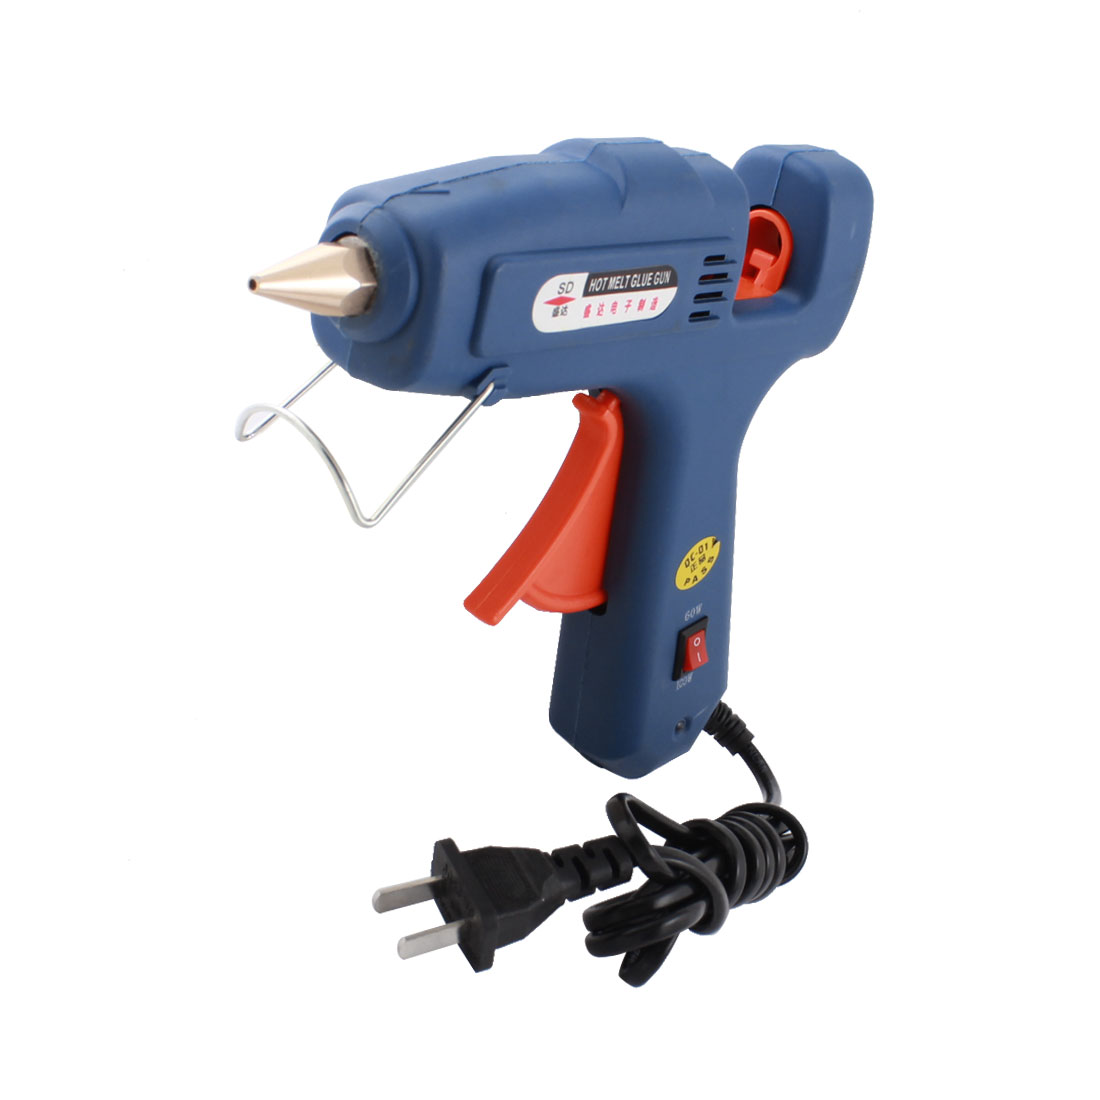 AC 100-240V US Plug 60W/100W Adjustable Triggered Electric Hot Melt Glue Gun